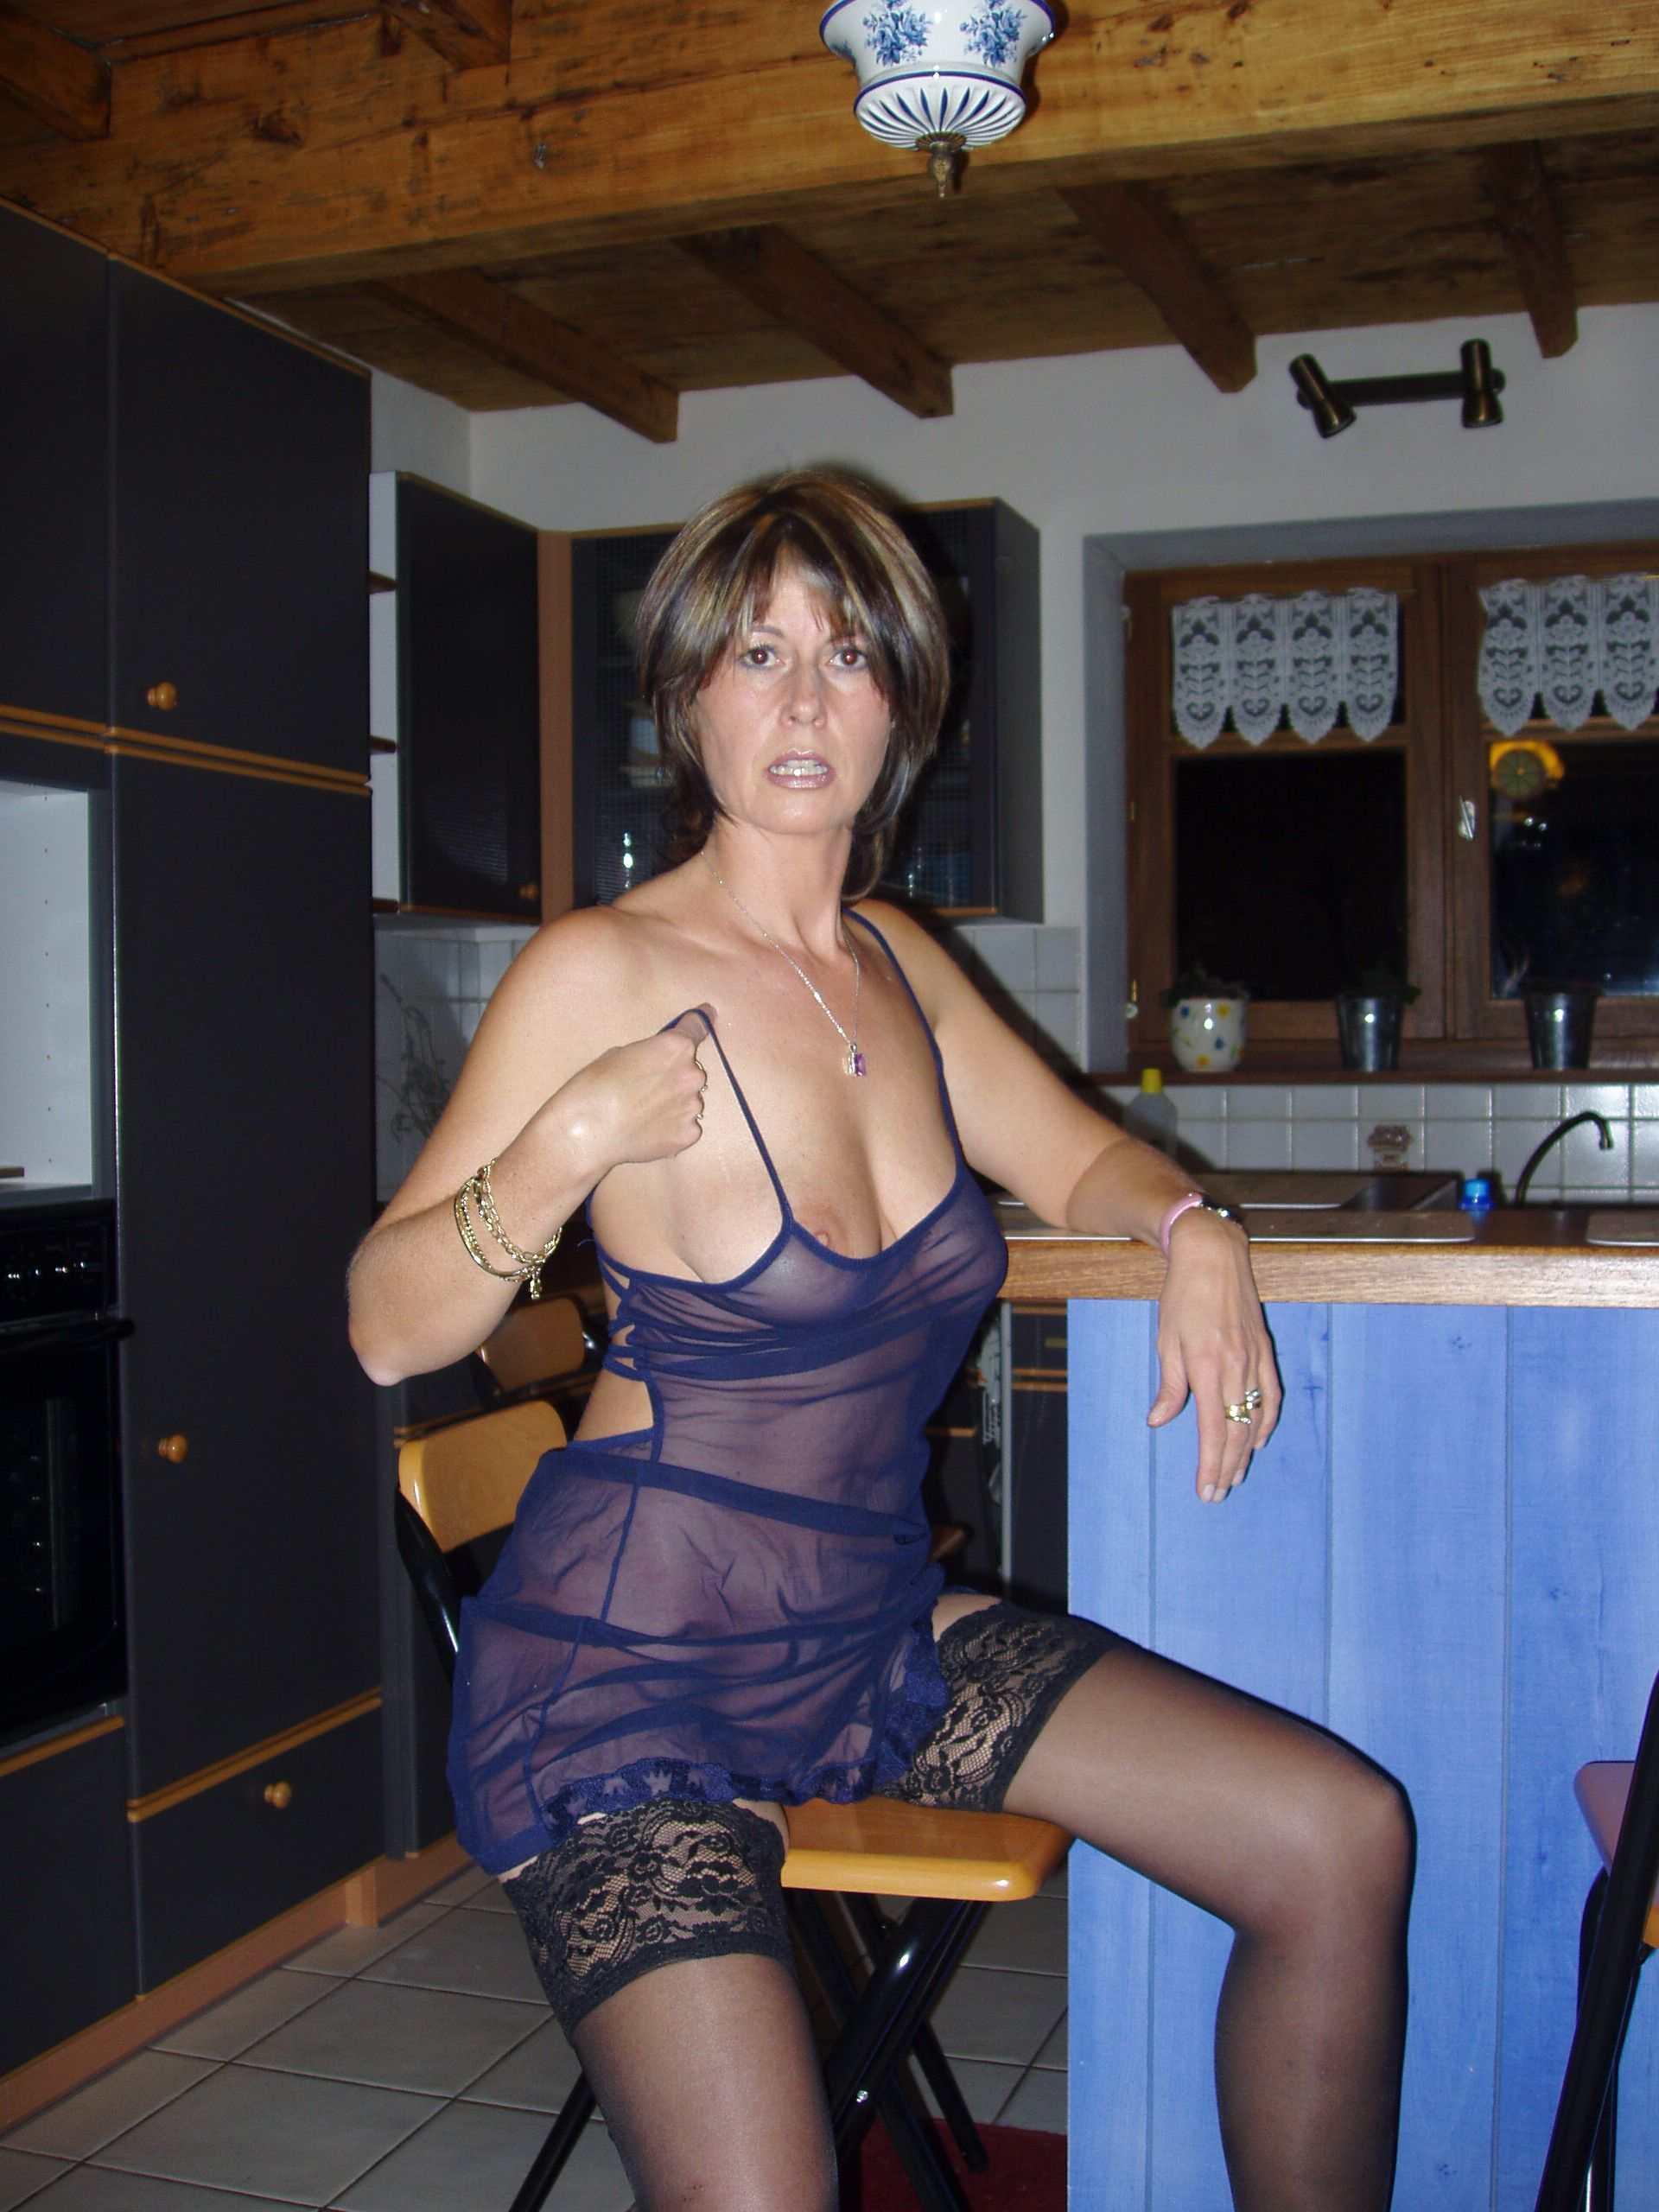 Сех фото минета женшин в бане 1 фотография